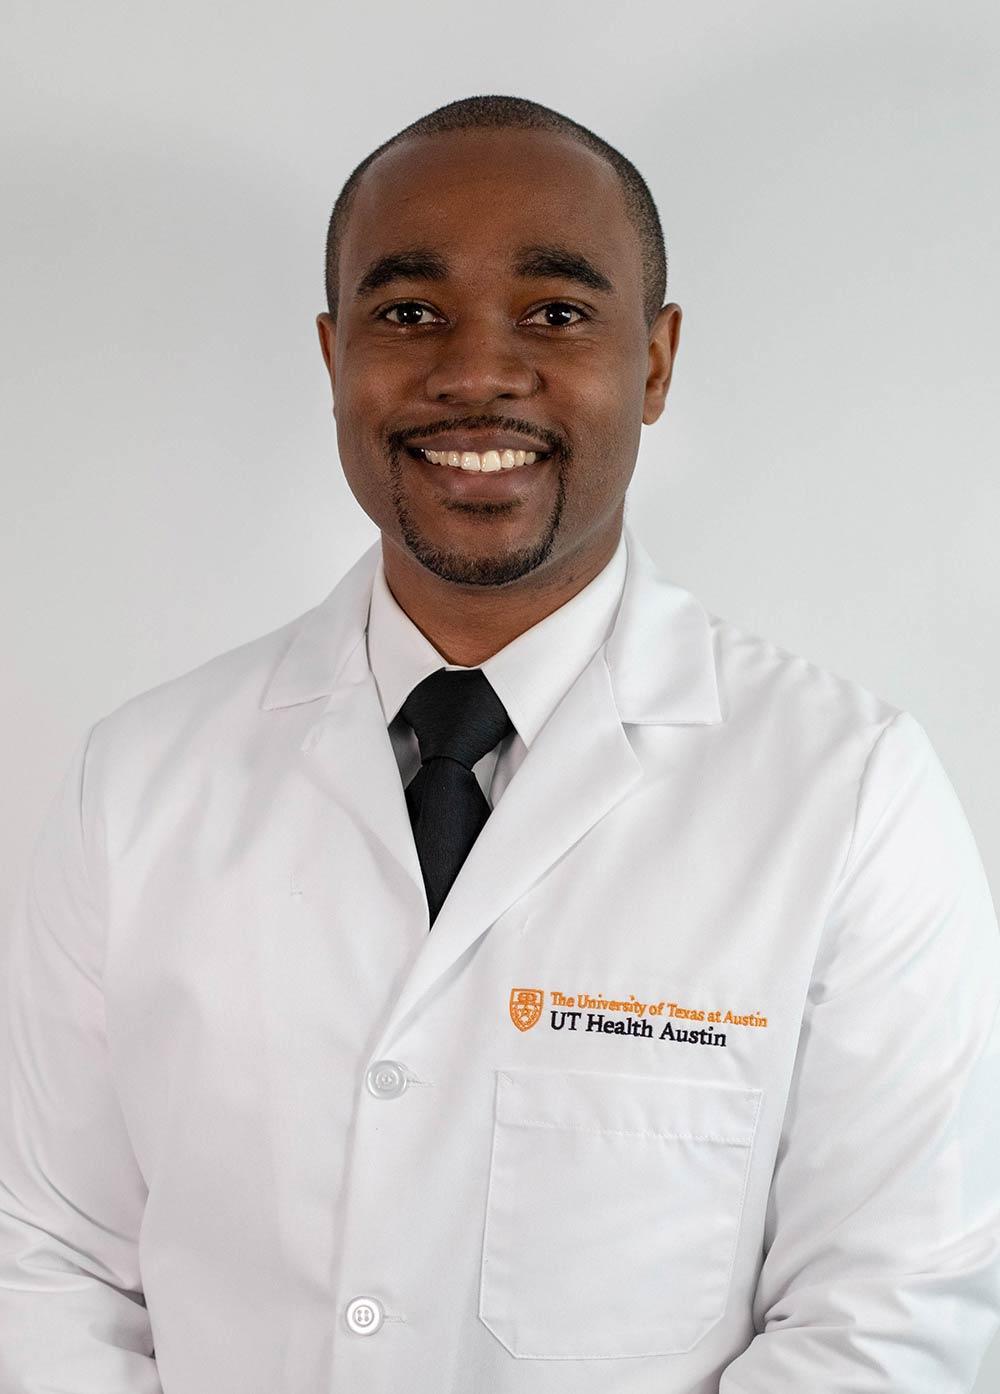 Headshot of Amadson Adewole